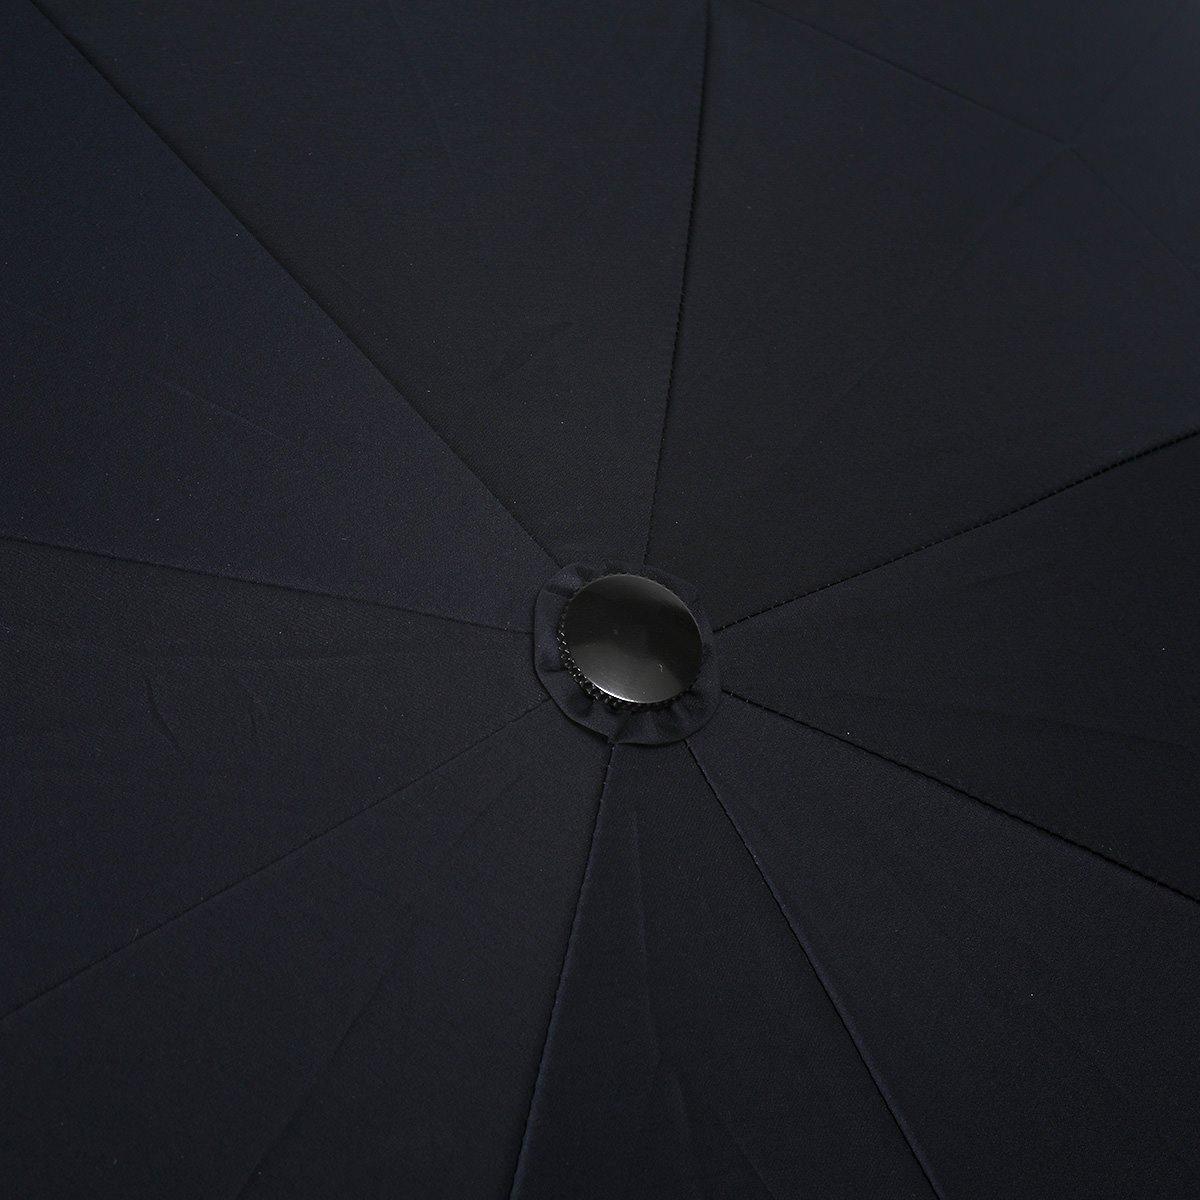 【公式限定】強力撥水 レインドロップ レクタス 耐風骨 レディース 折りたたみ傘 詳細画像10